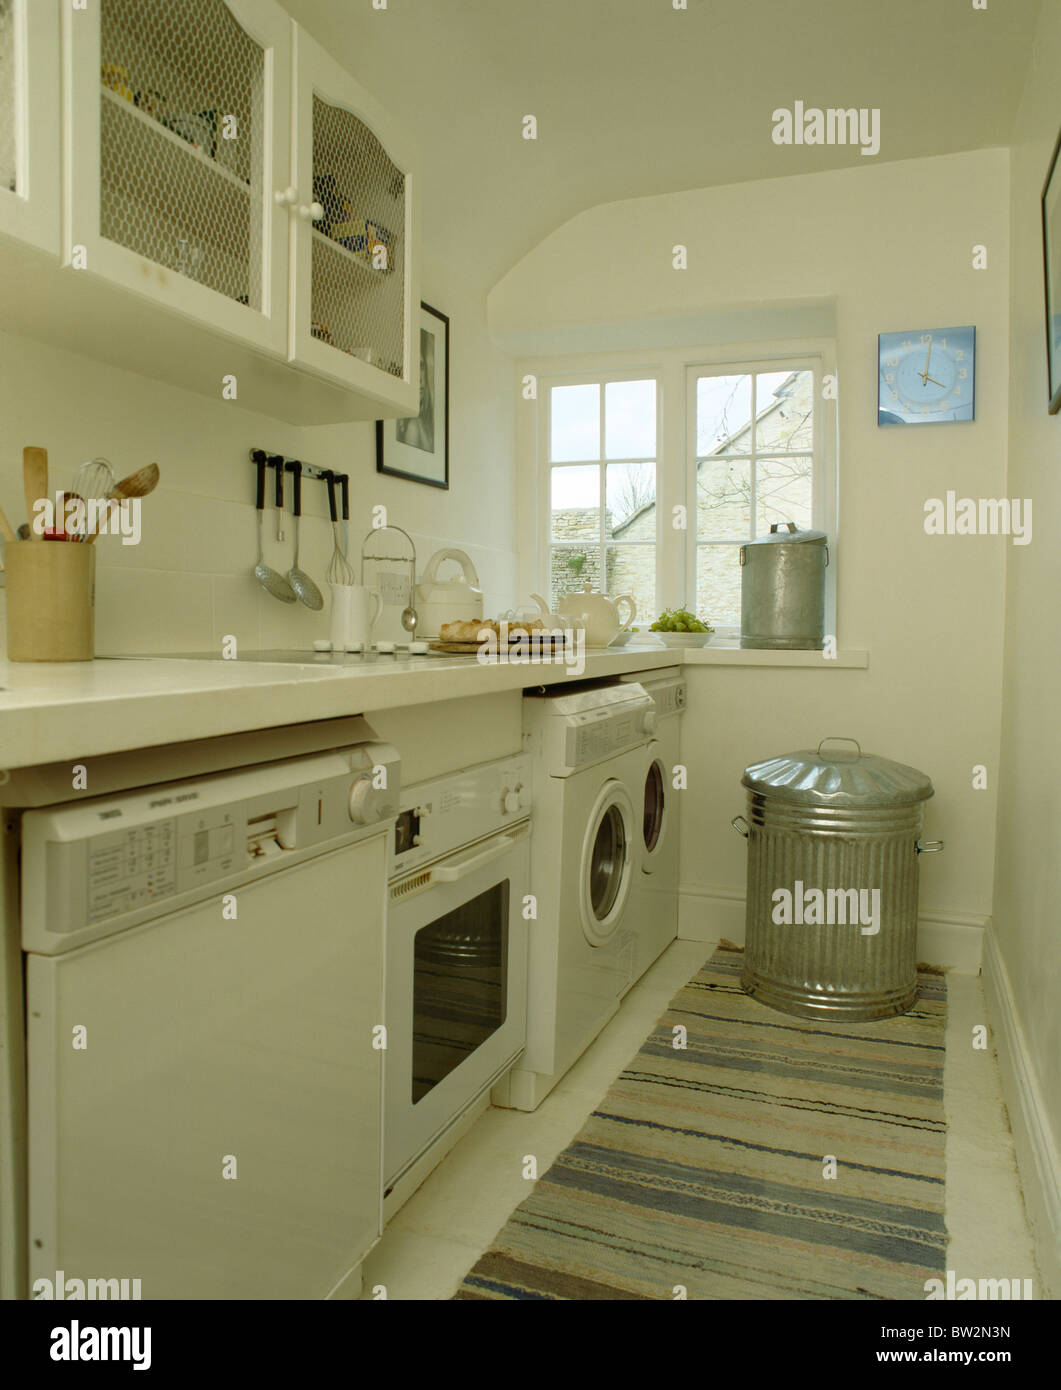 Geschirrspüler und Backofen und Waschmaschine unter ...